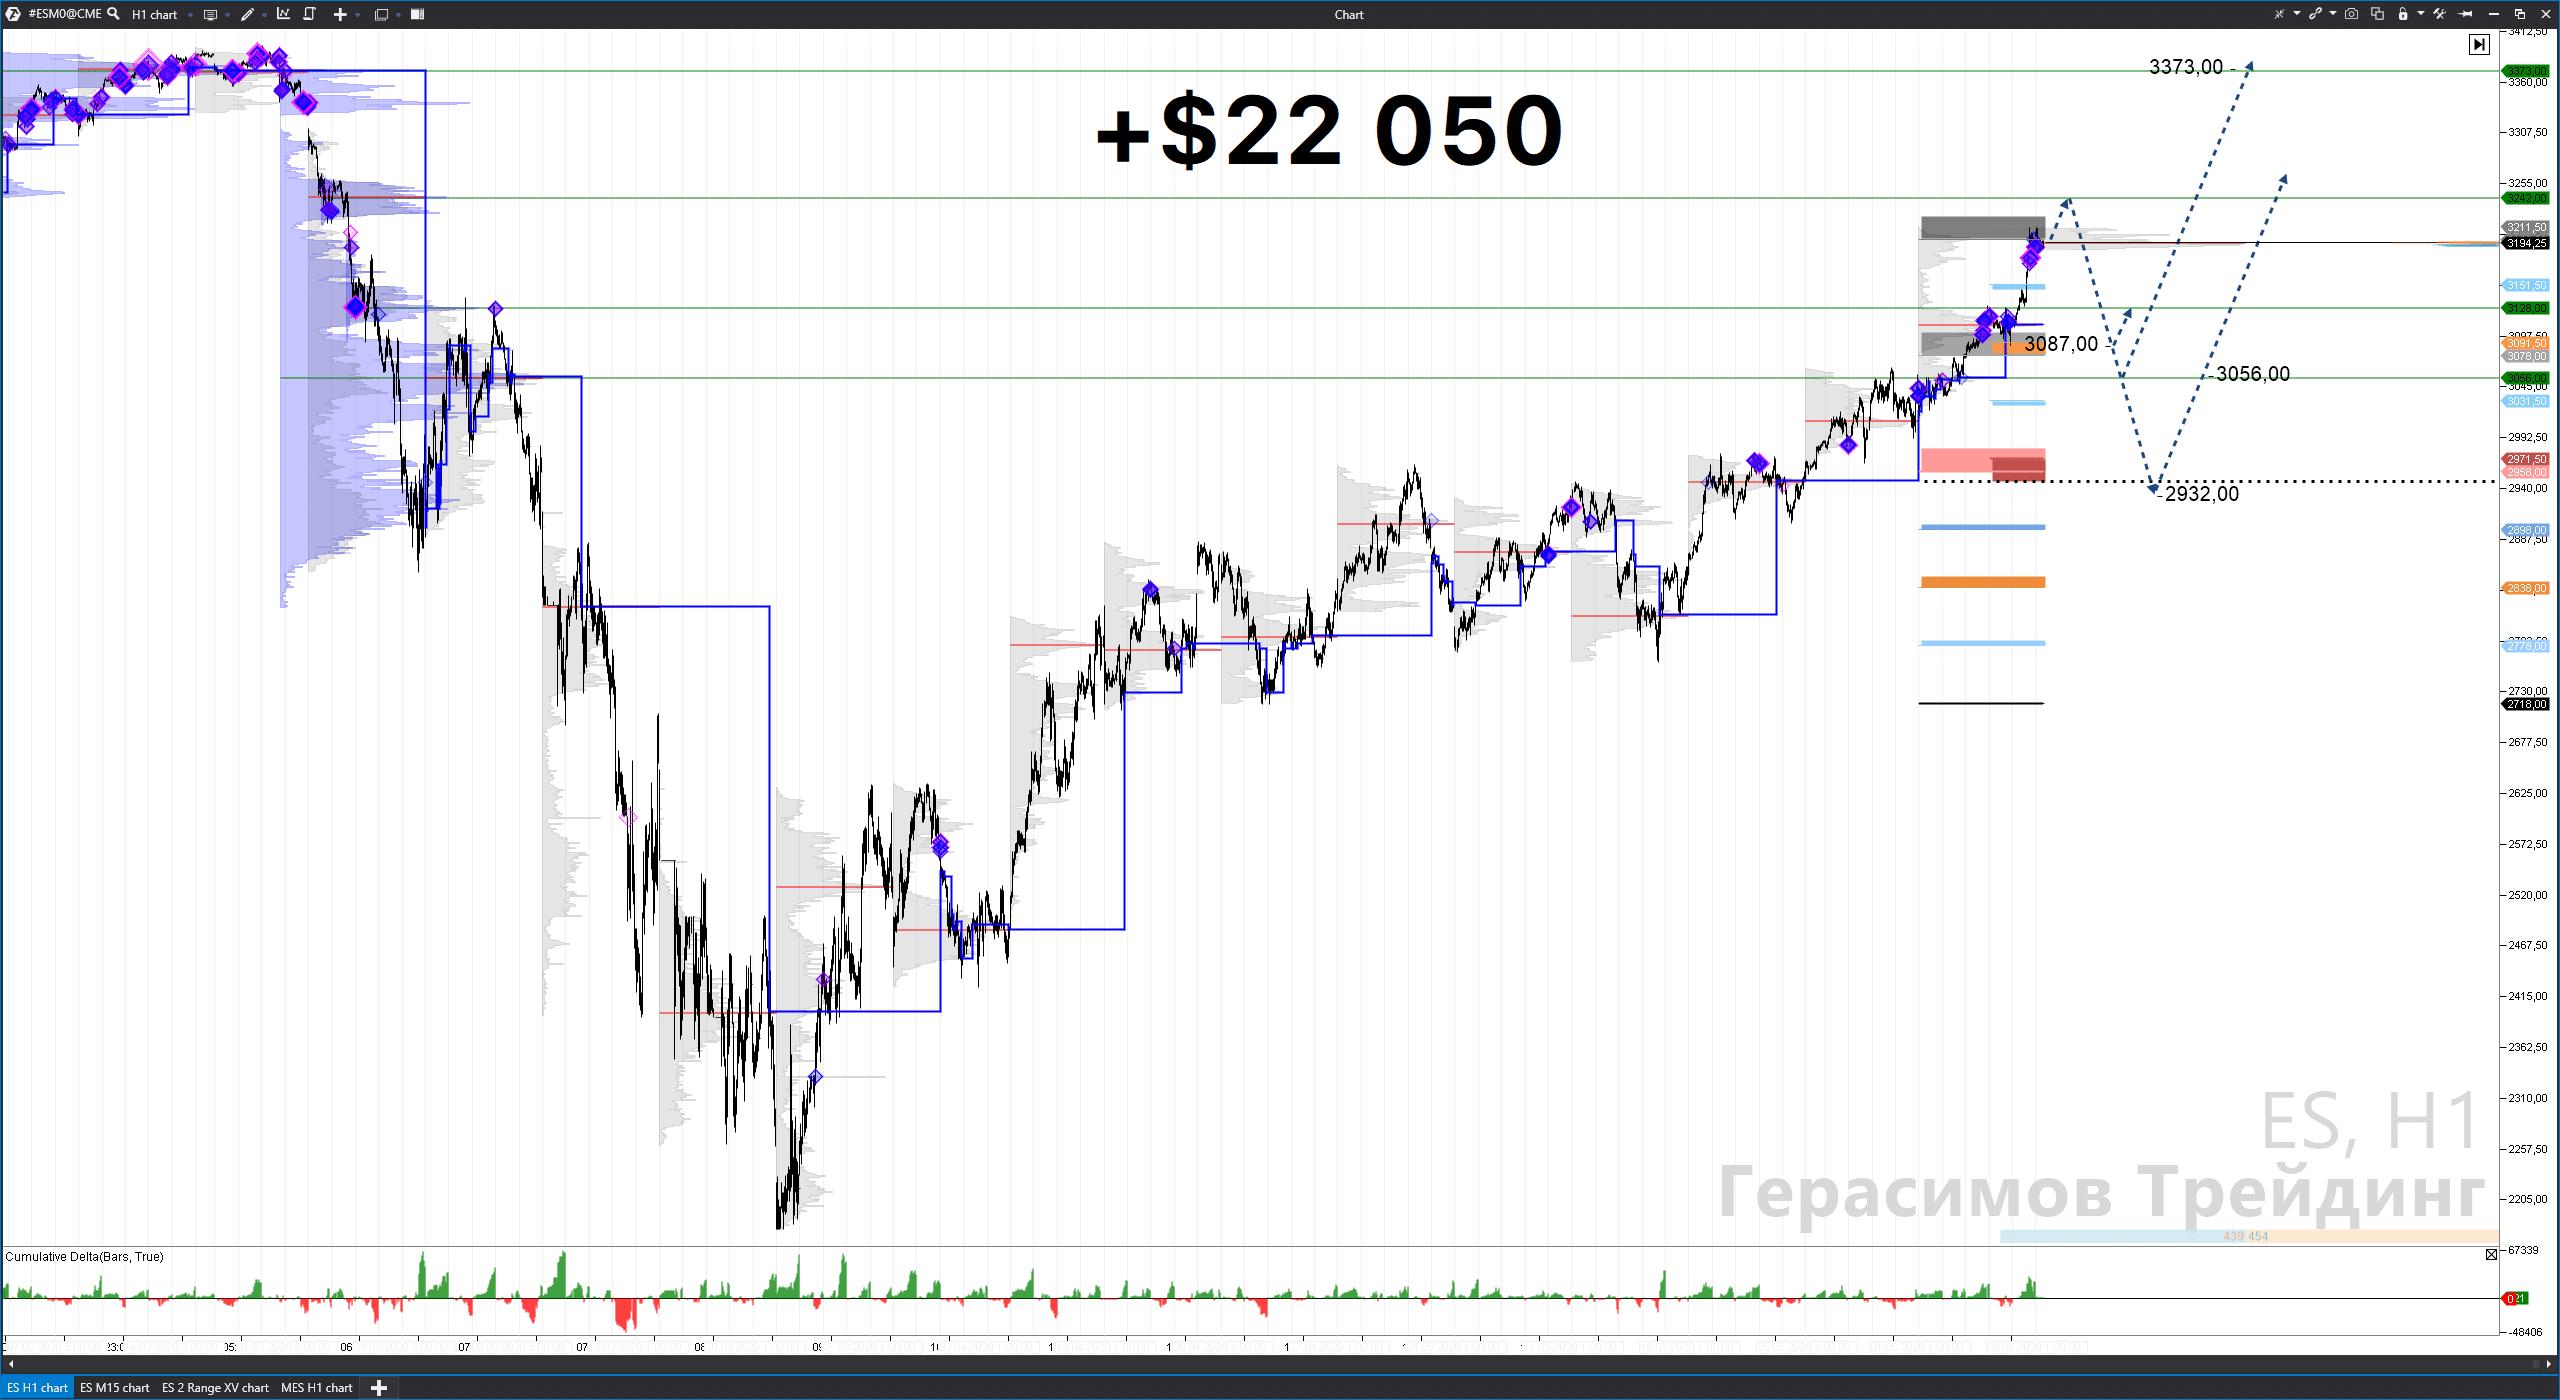 Герасимов Трейдинг. Торговый сигнал/рекомендация. +$22.000 на индексе S&P500 (ES). Как заработать?